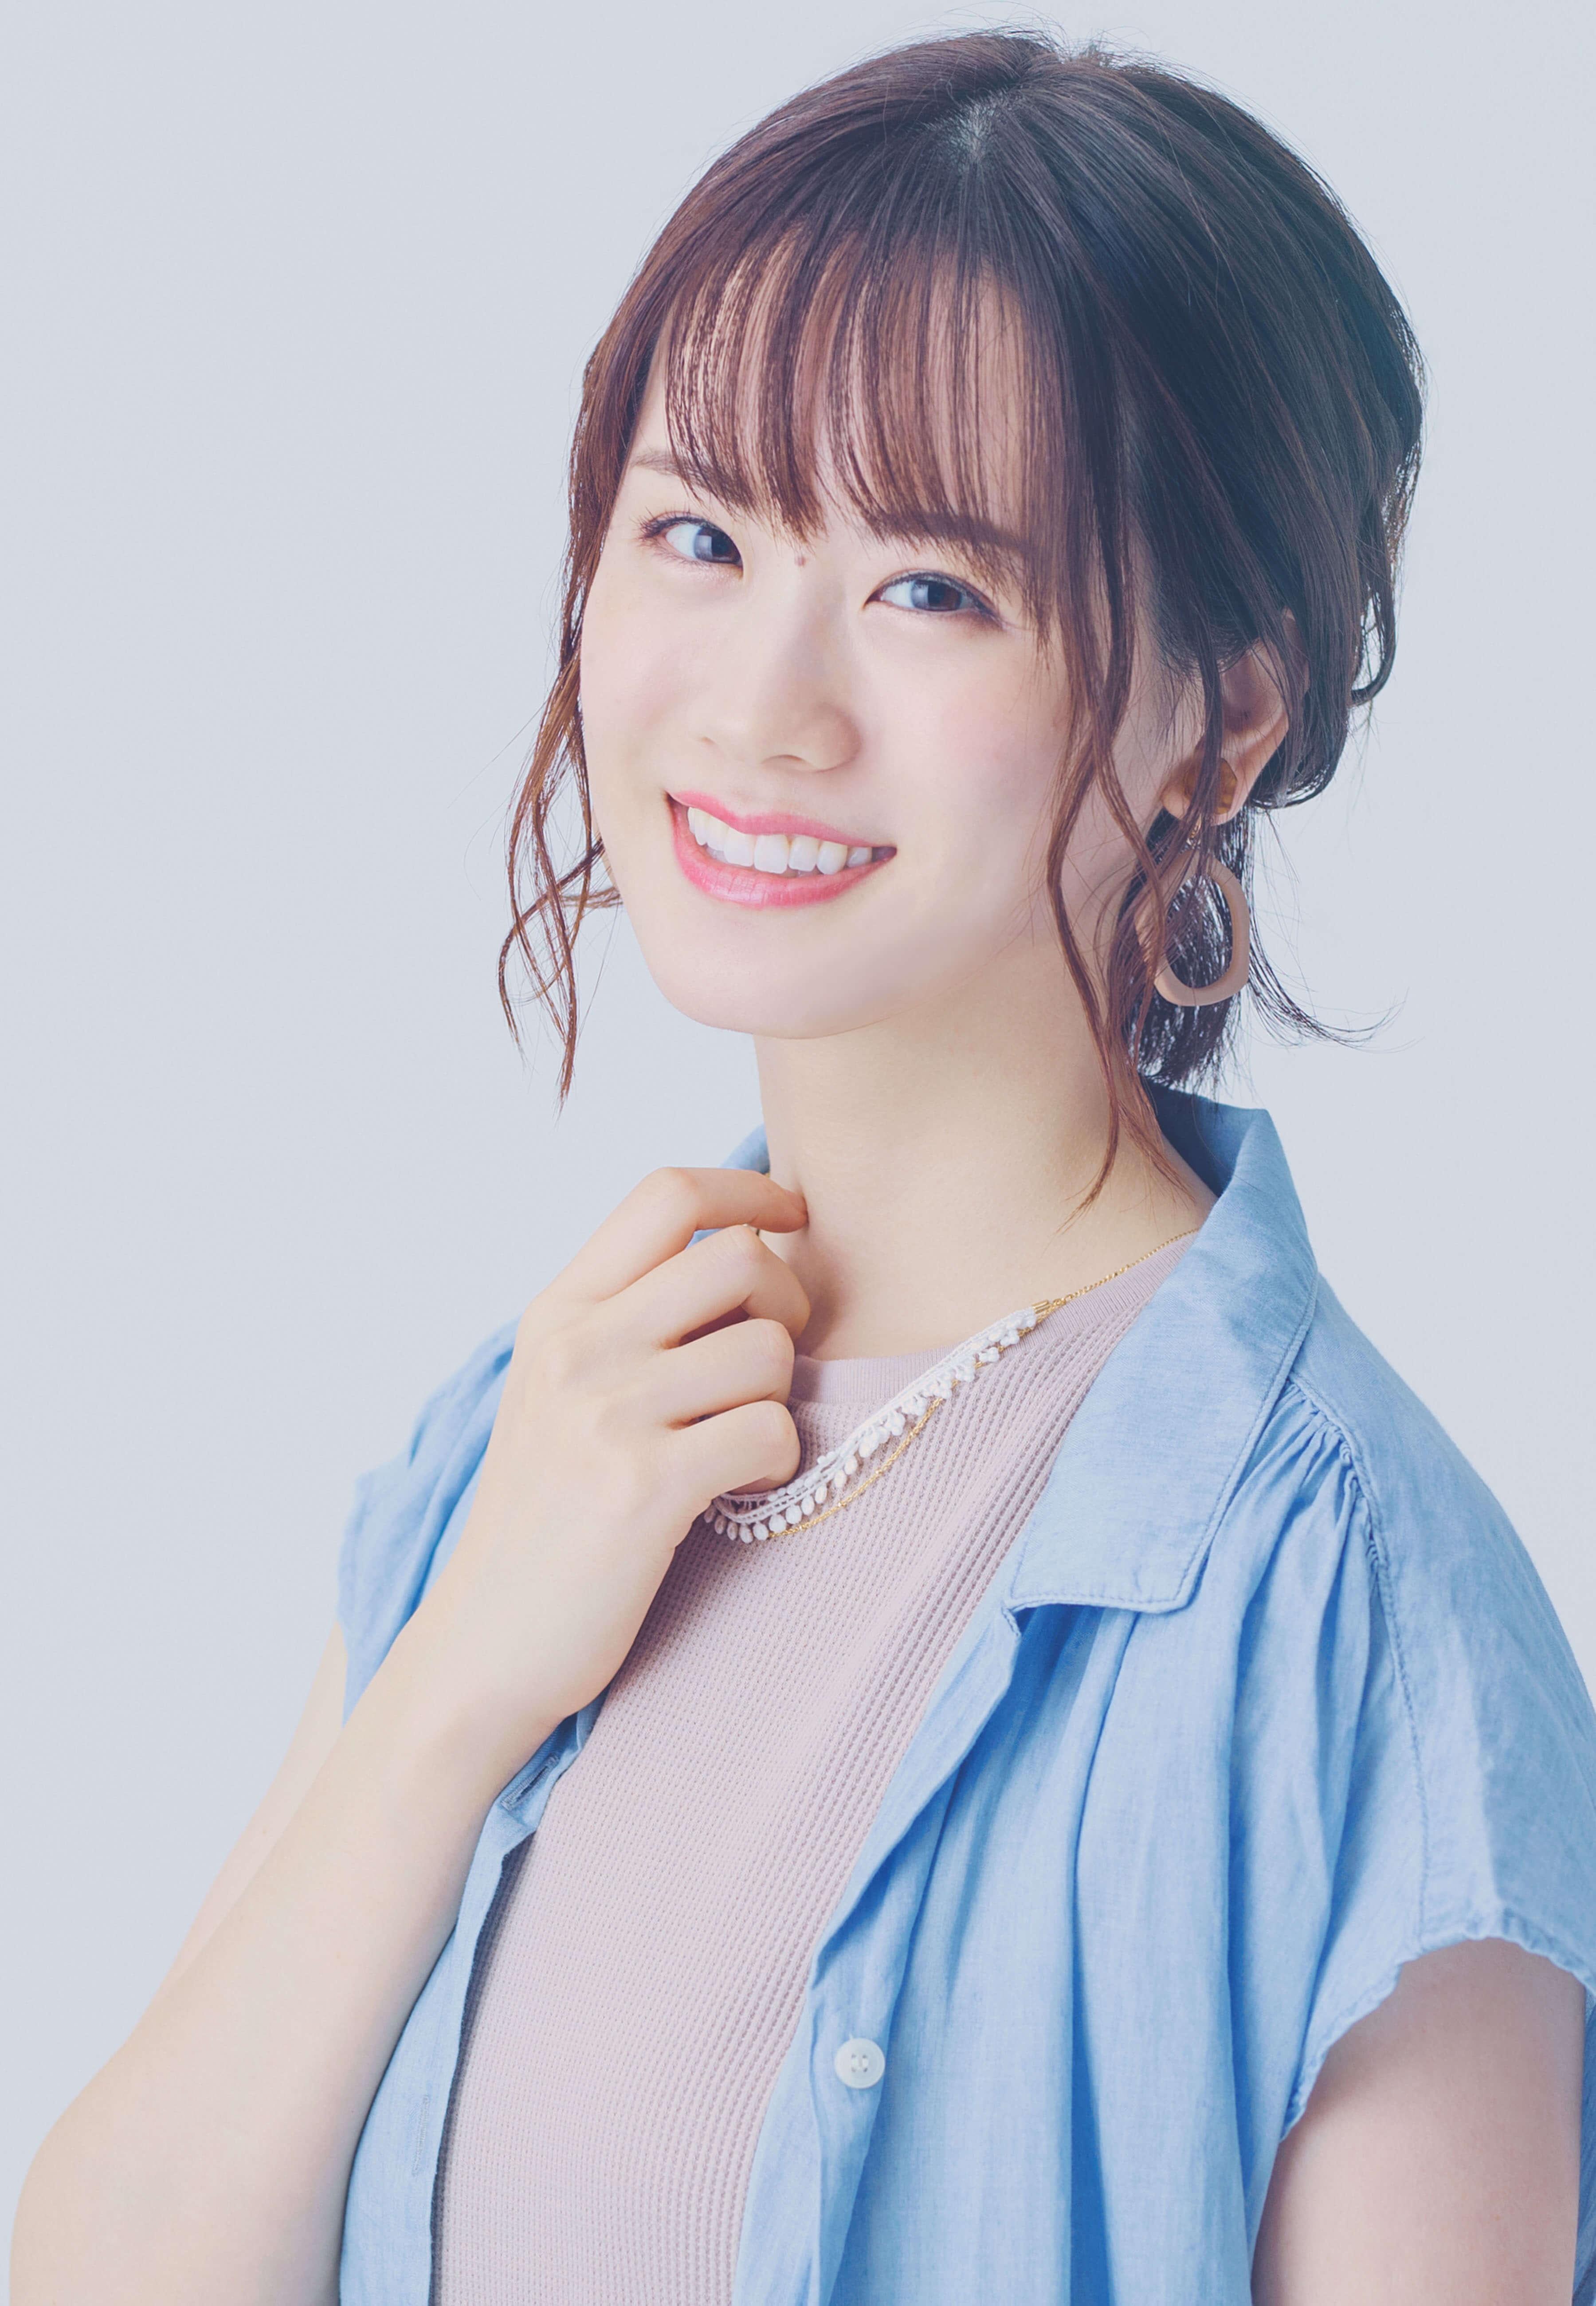 5月2日(日)放送に瀬戸麻沙美さんがゲスト出演!!【早見沙織のふり〜すたいる♪】